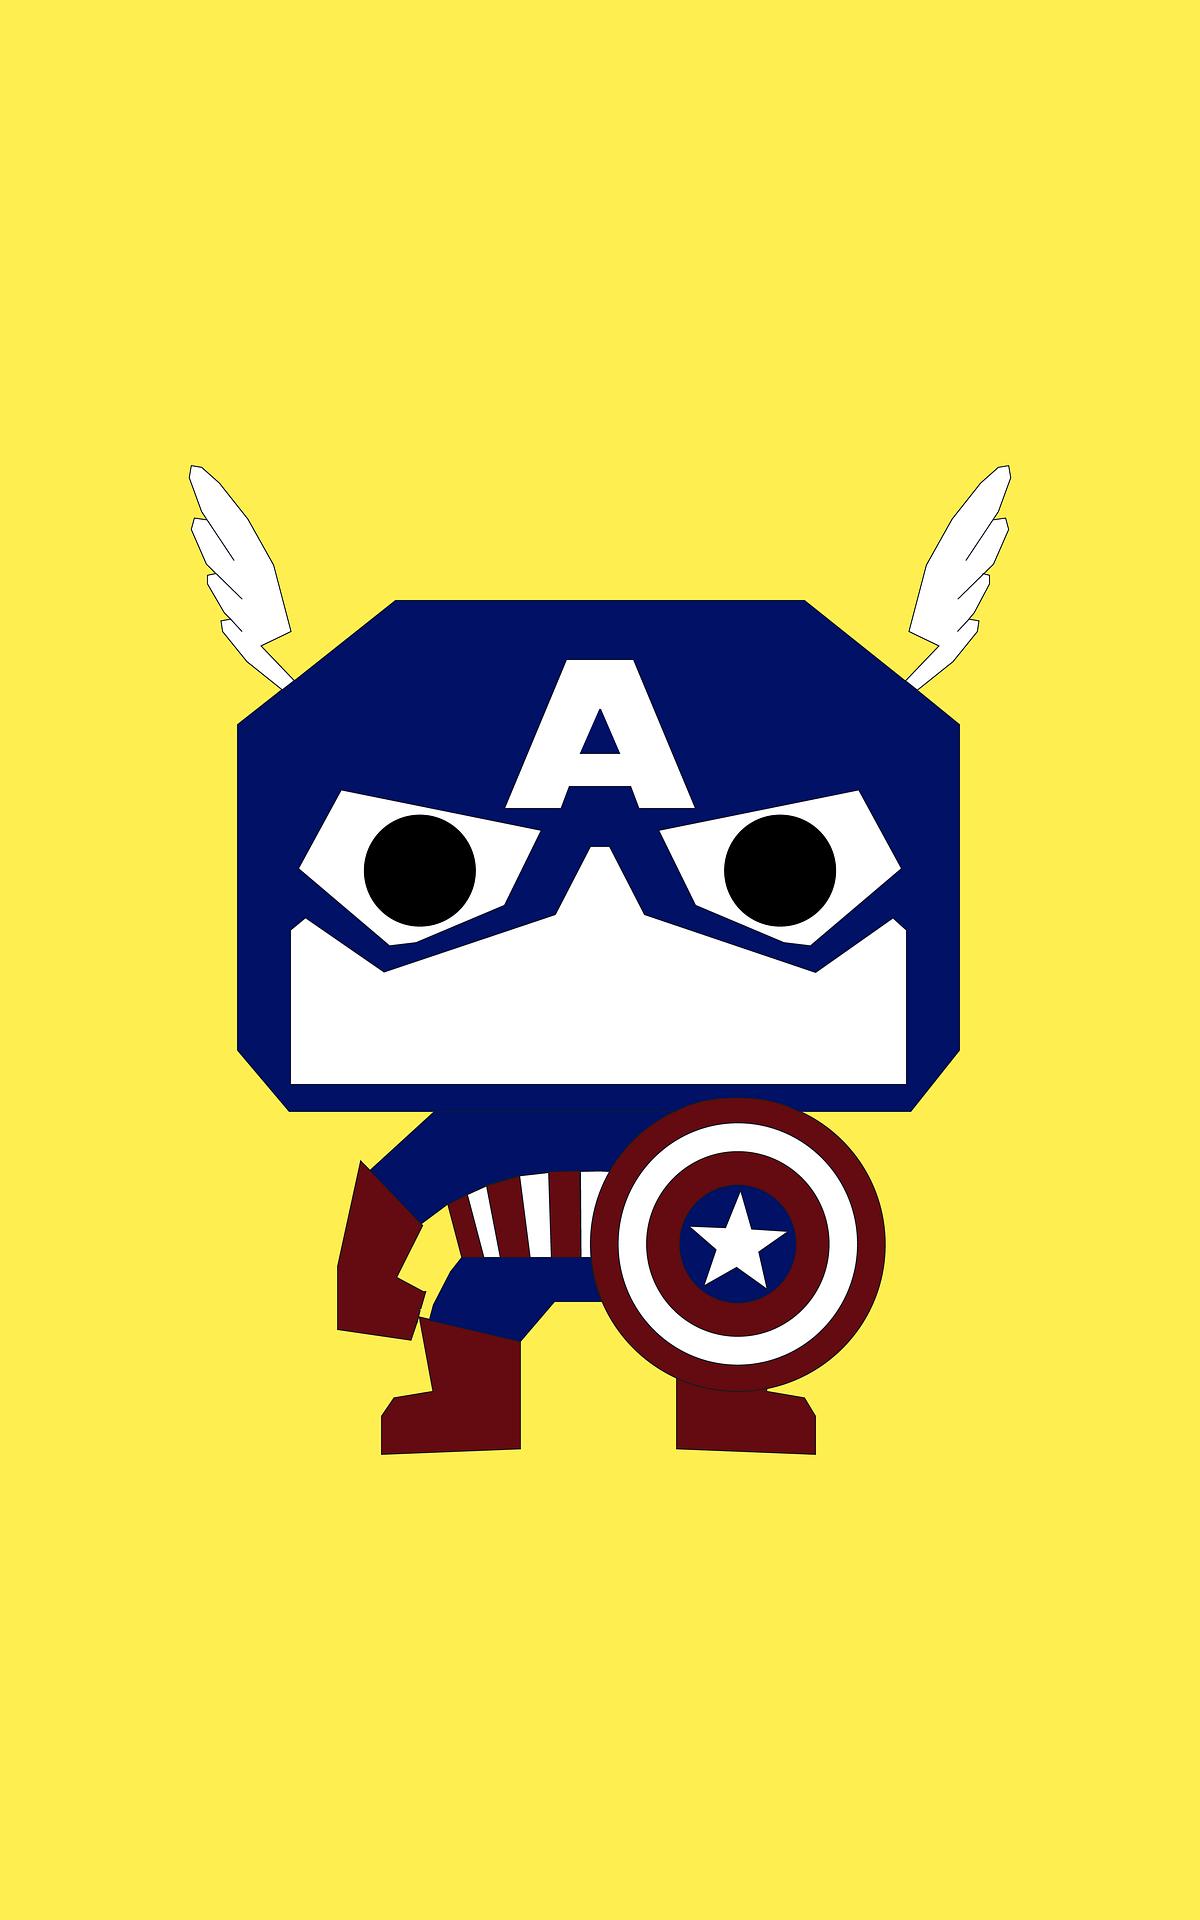 美国队长, 超级英雄, 奇迹, 插图, 漫画 - 高清壁纸 - 教授-falken.com